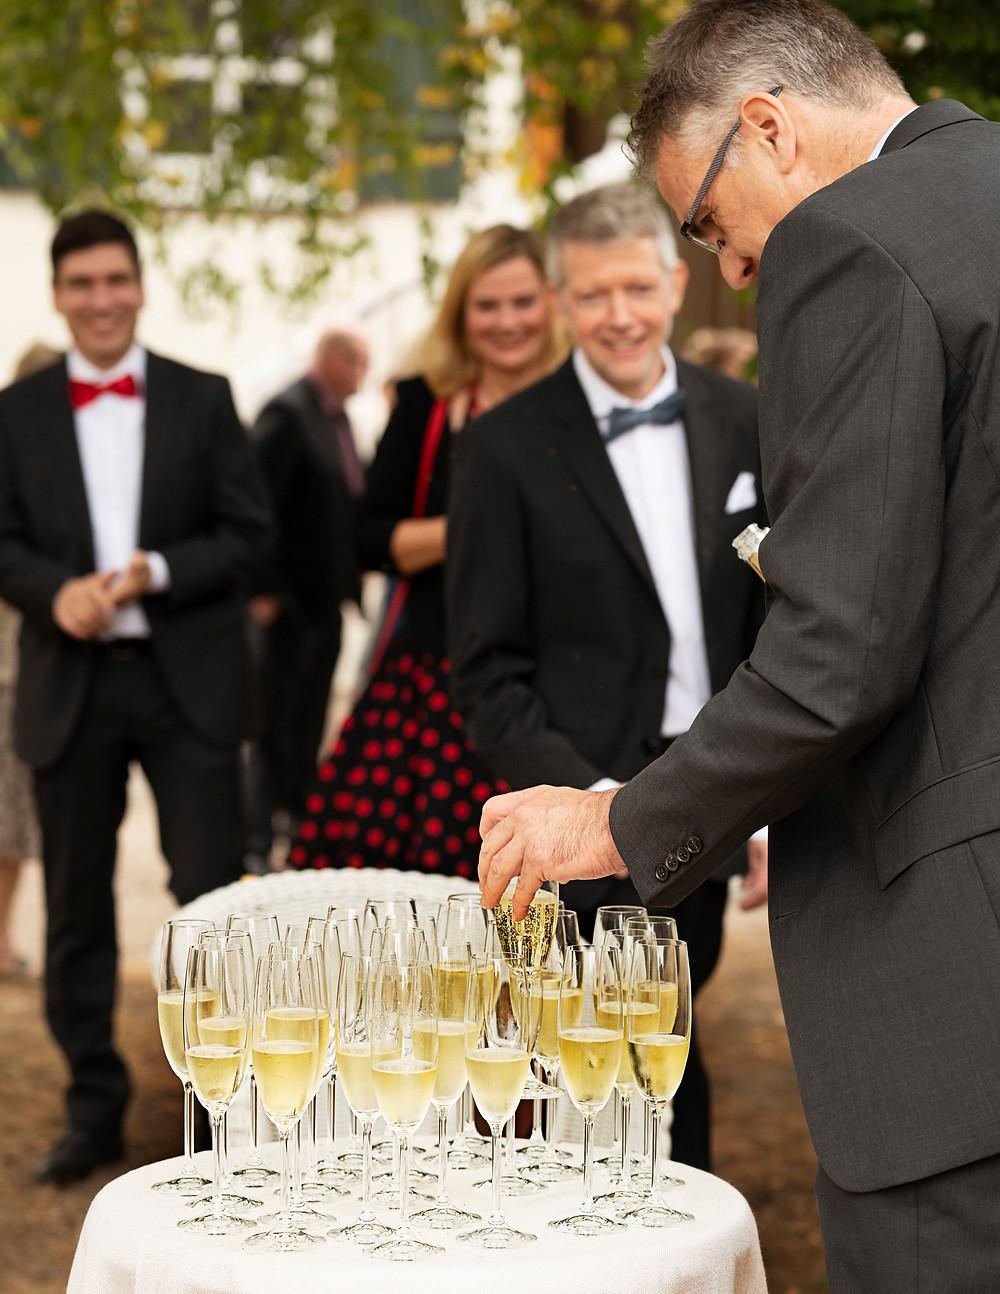 パーティにゼクトは欠かせない ©Deutsches Weininstitut